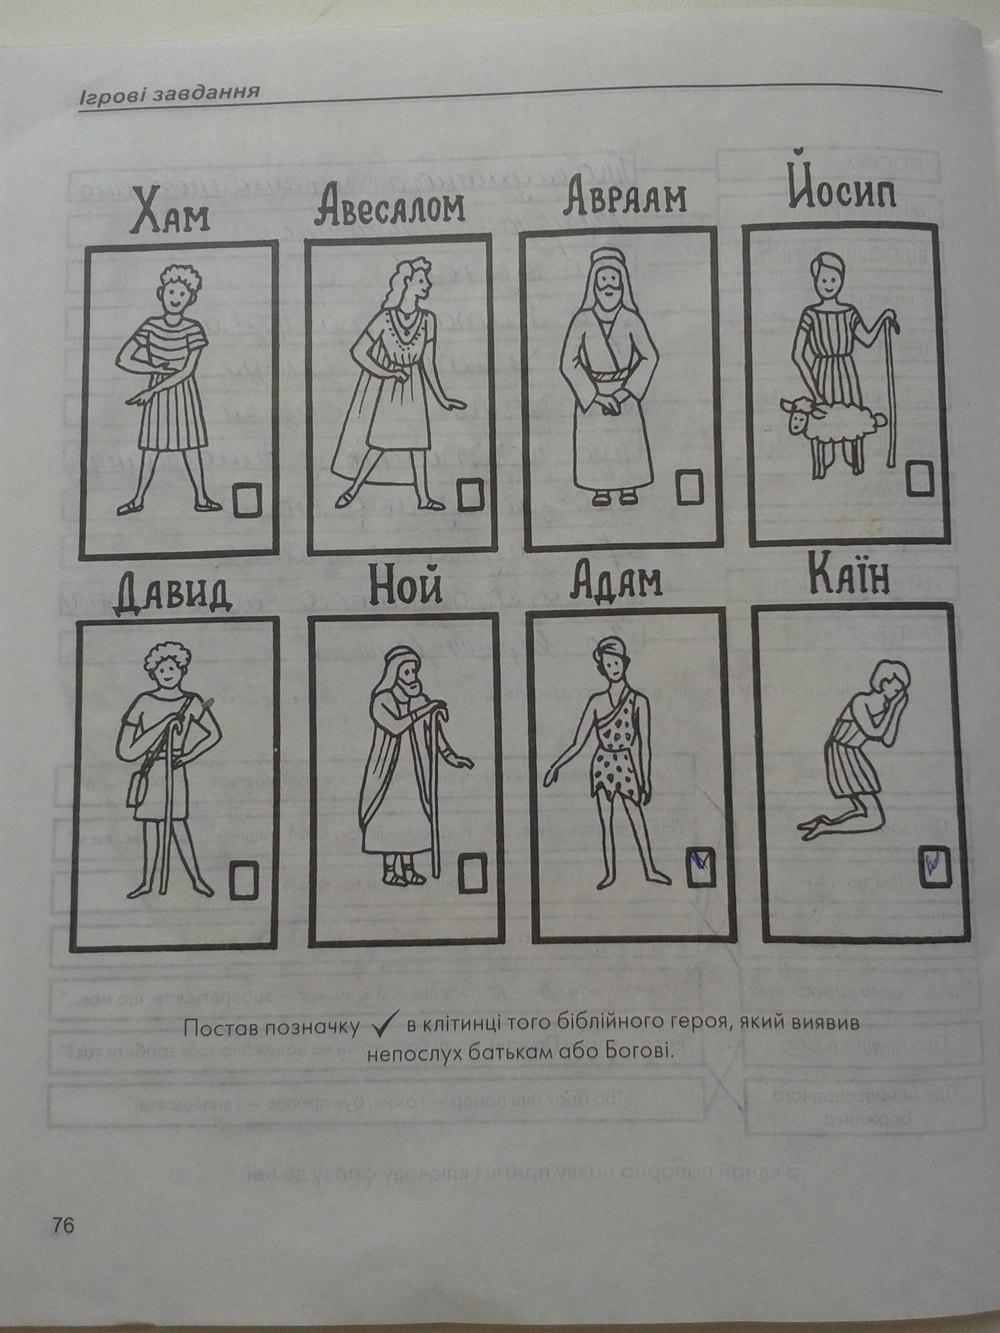 ГДЗ відповіді робочий зошит по этике 6 класс Г.О. Кізілова. Задание: стр. 76